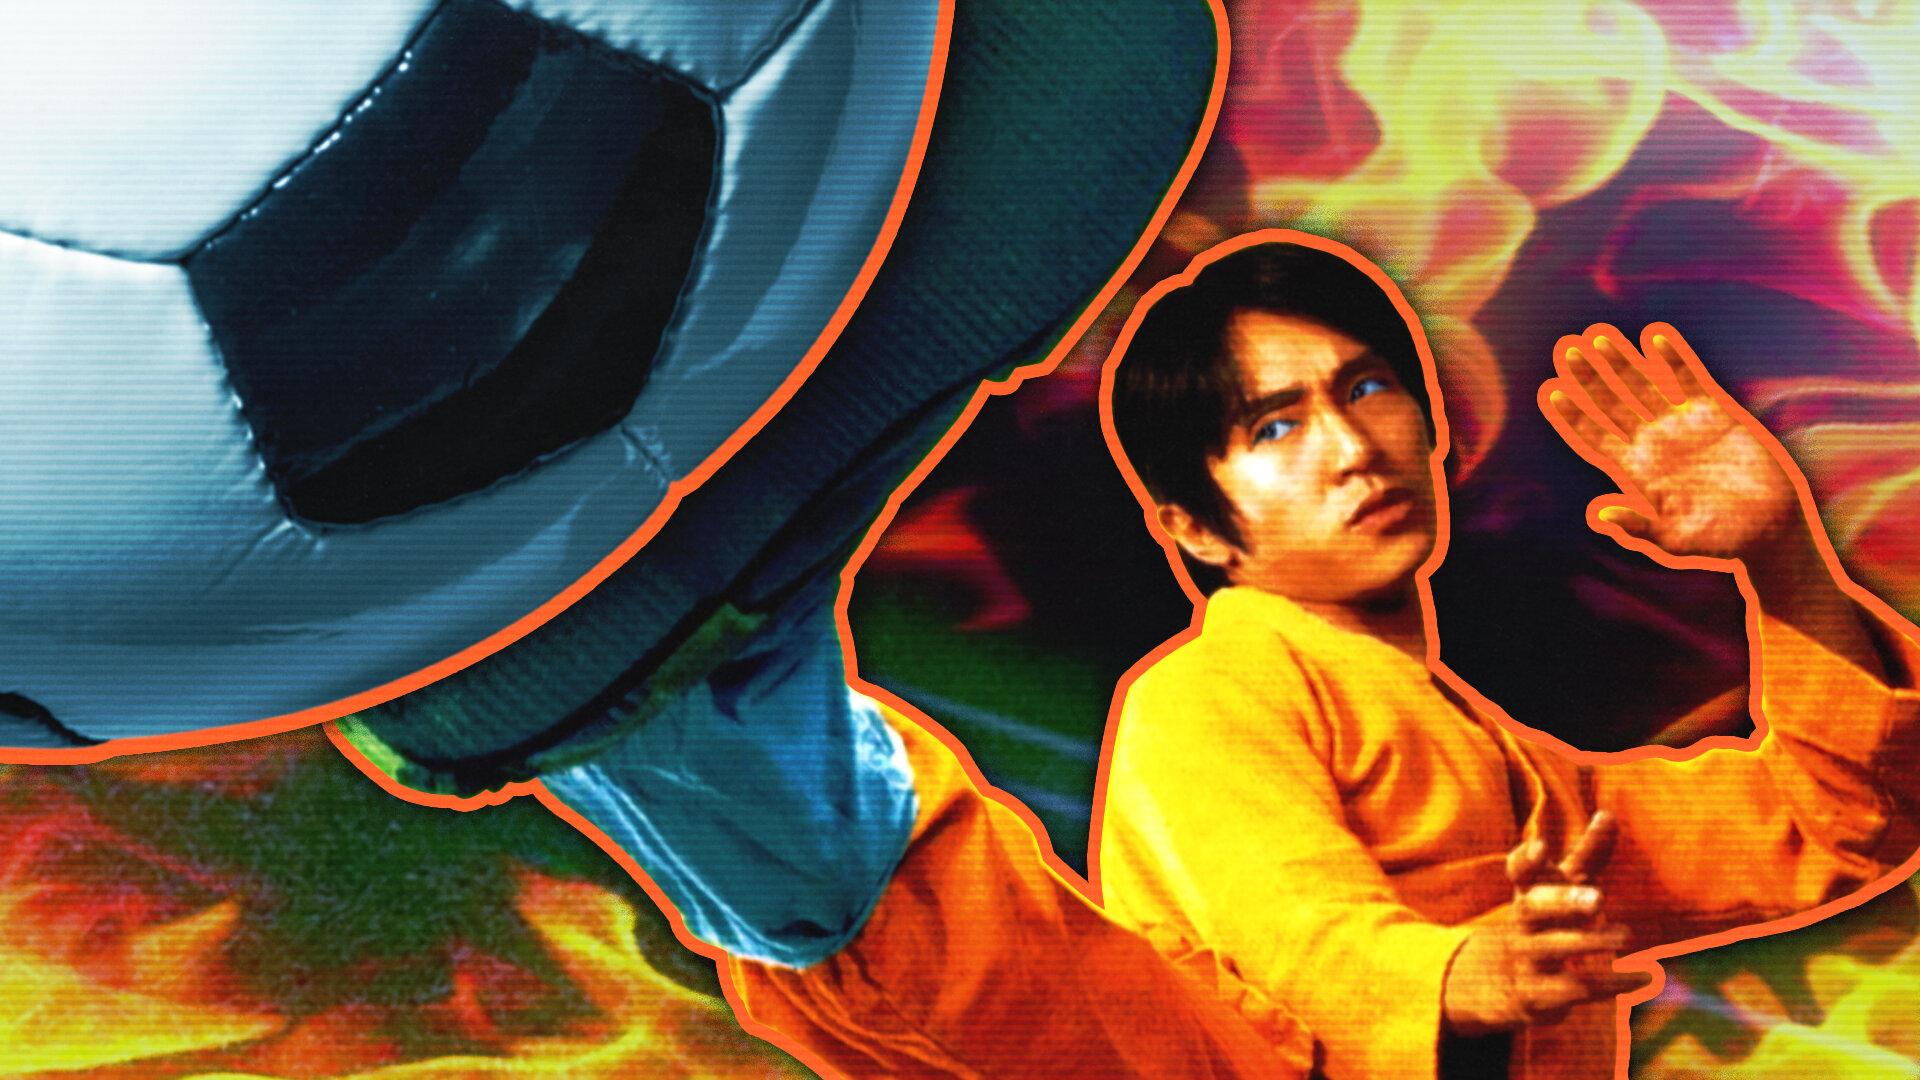 028_ShaolinSoccer.jpg